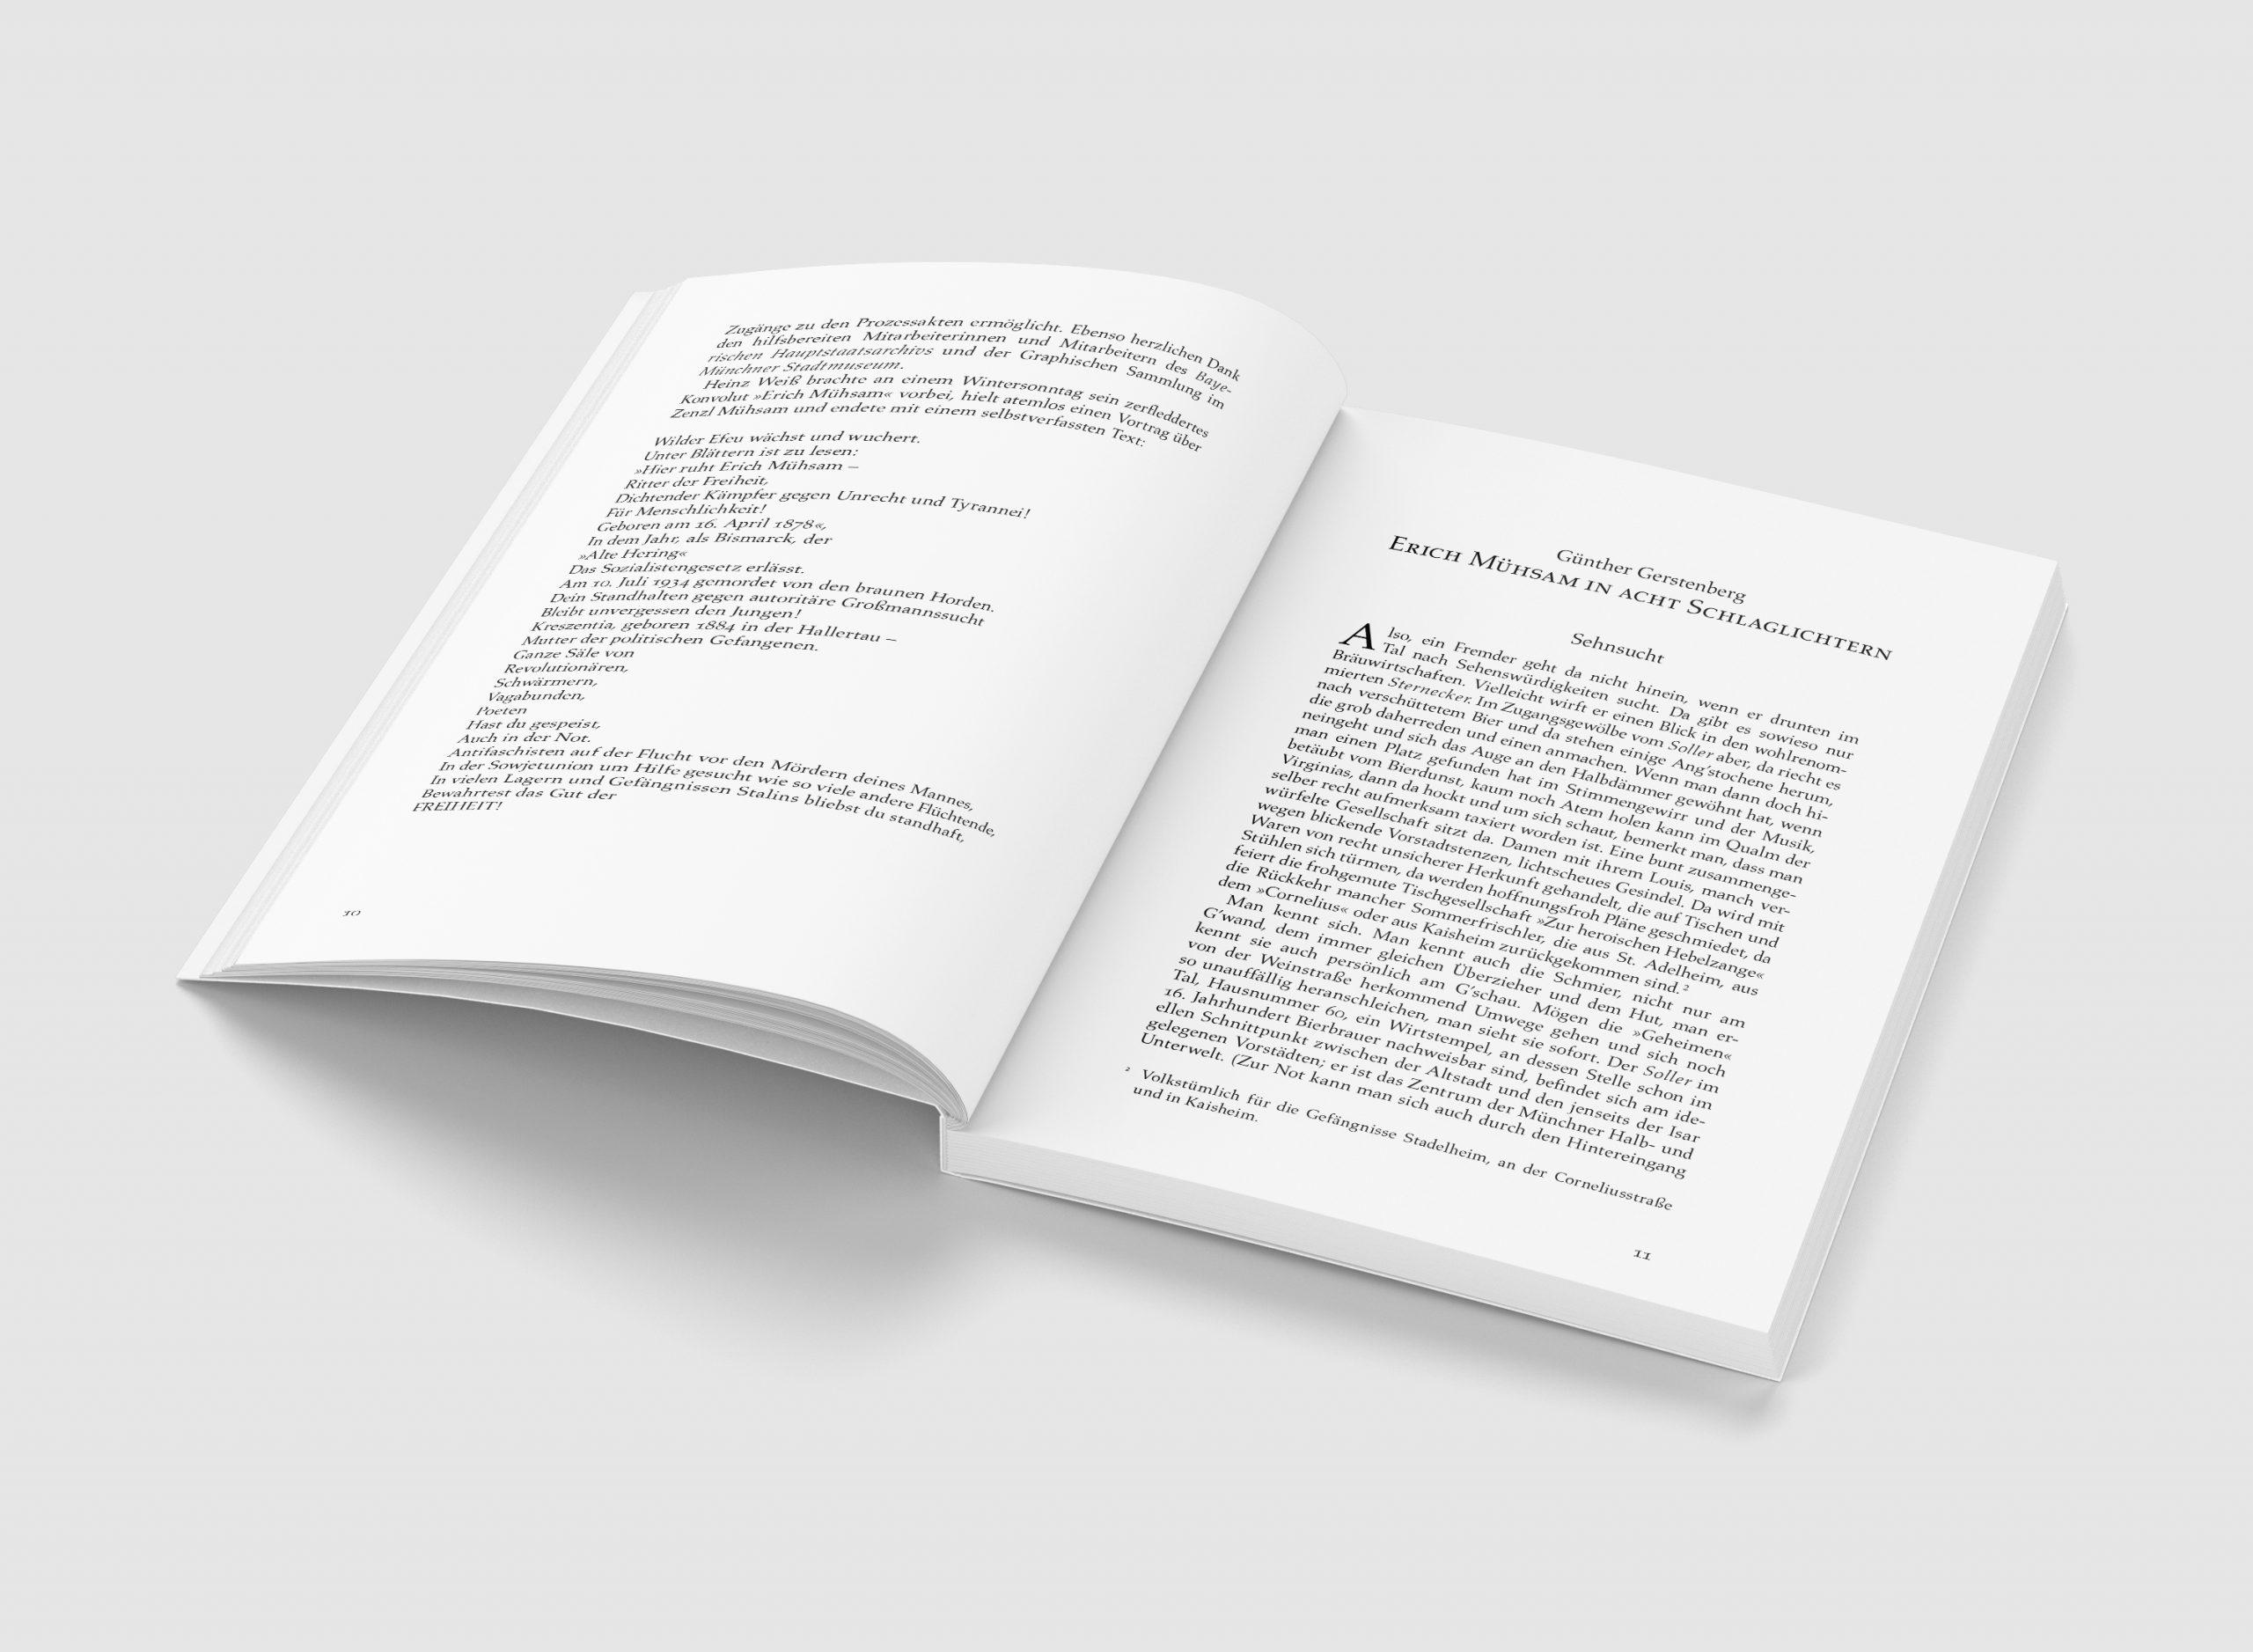 Blick ins Buch zu »Wir geben nicht auf!« von Erich Mühsam